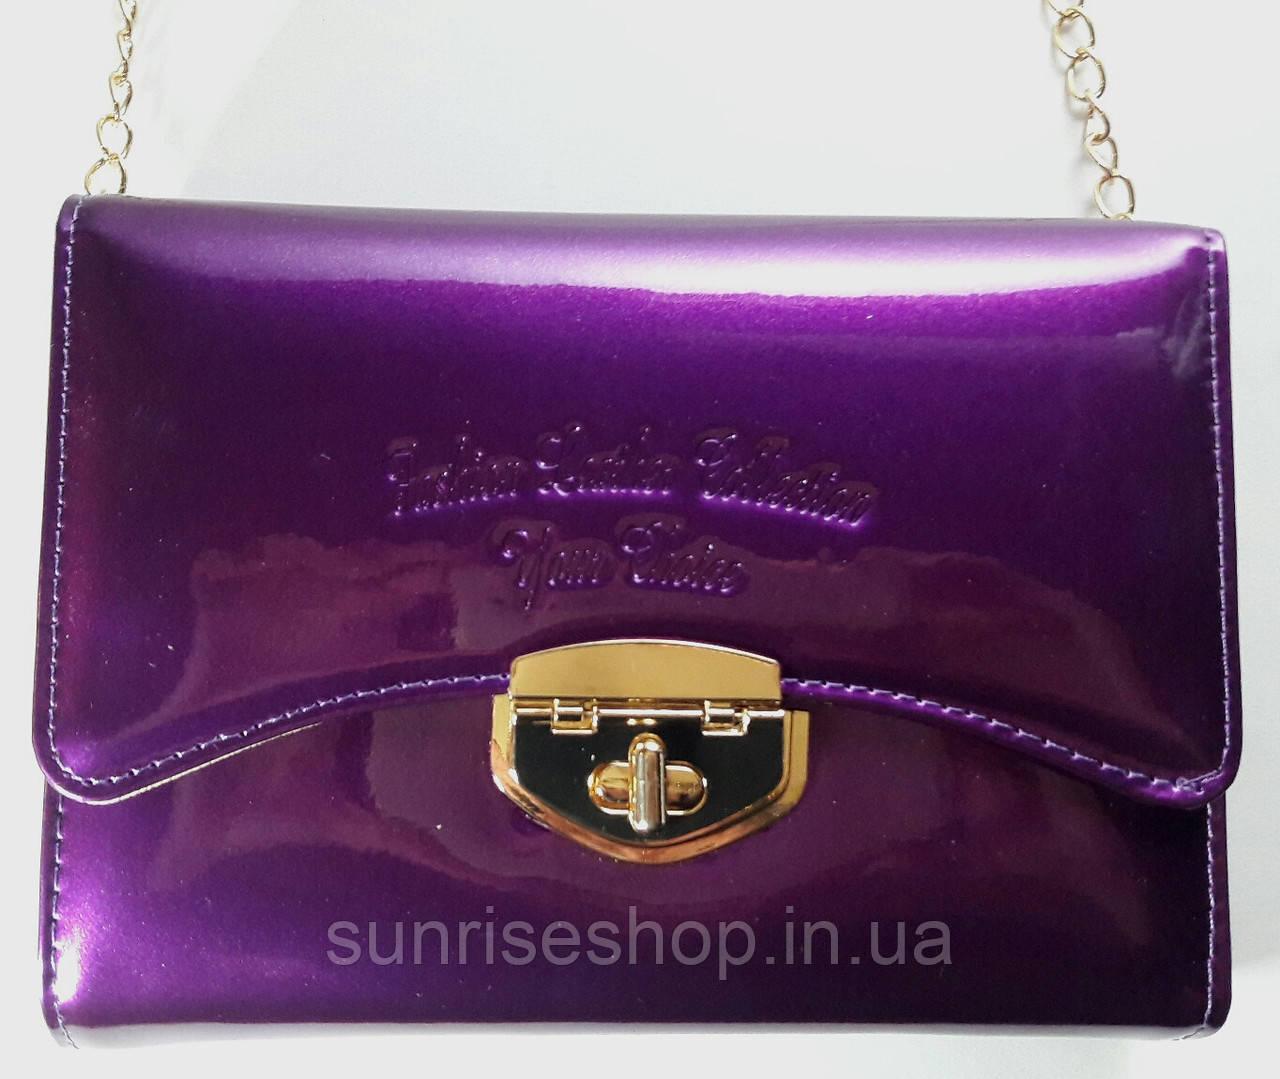 Клатч лаковый цвет фиолетовый